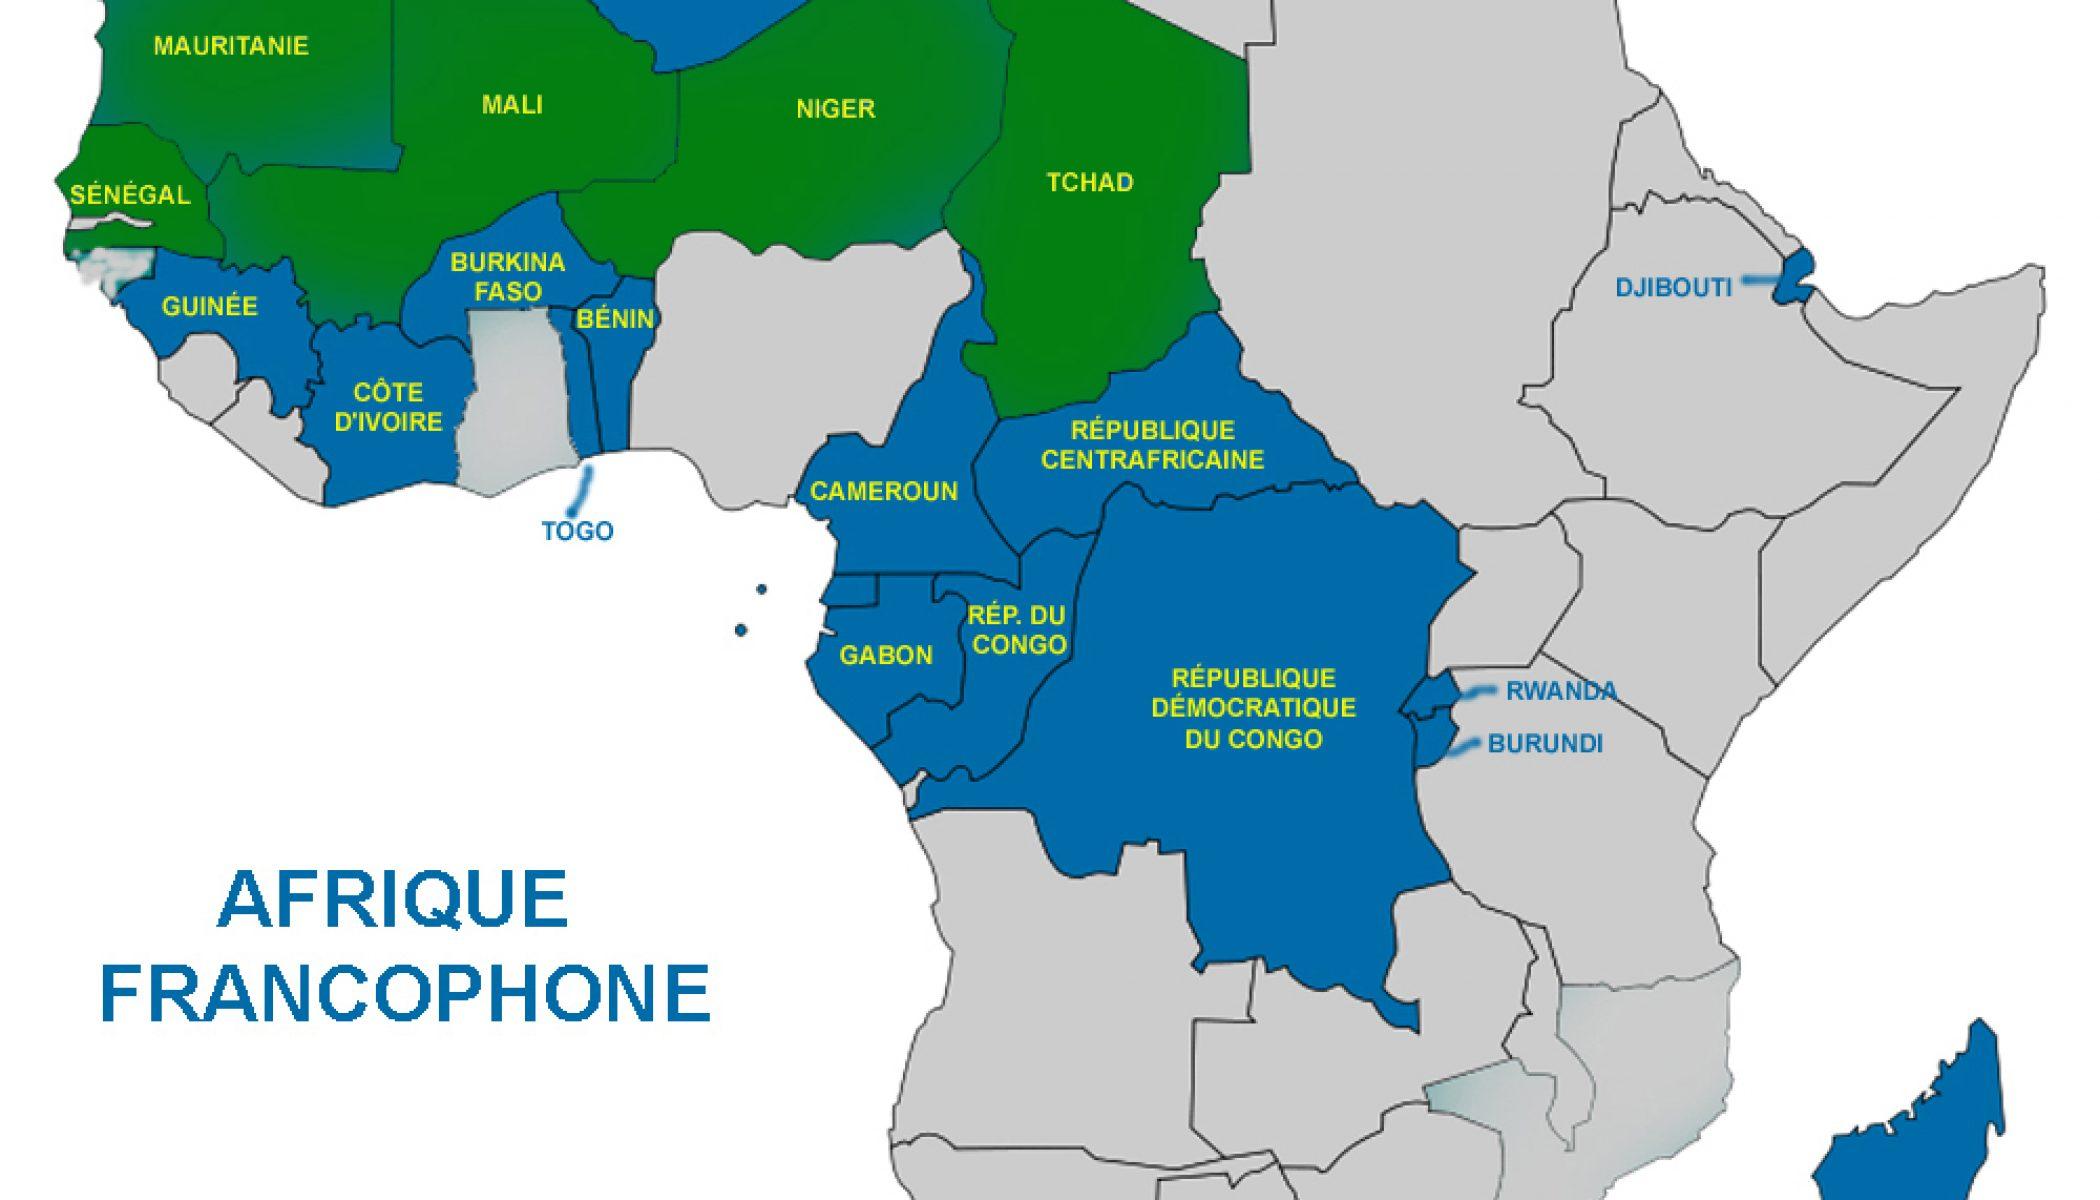 Carte De Lafrique Subsaharienne.L Afrique Subsaharienne Francophone Est Le Moteur De La